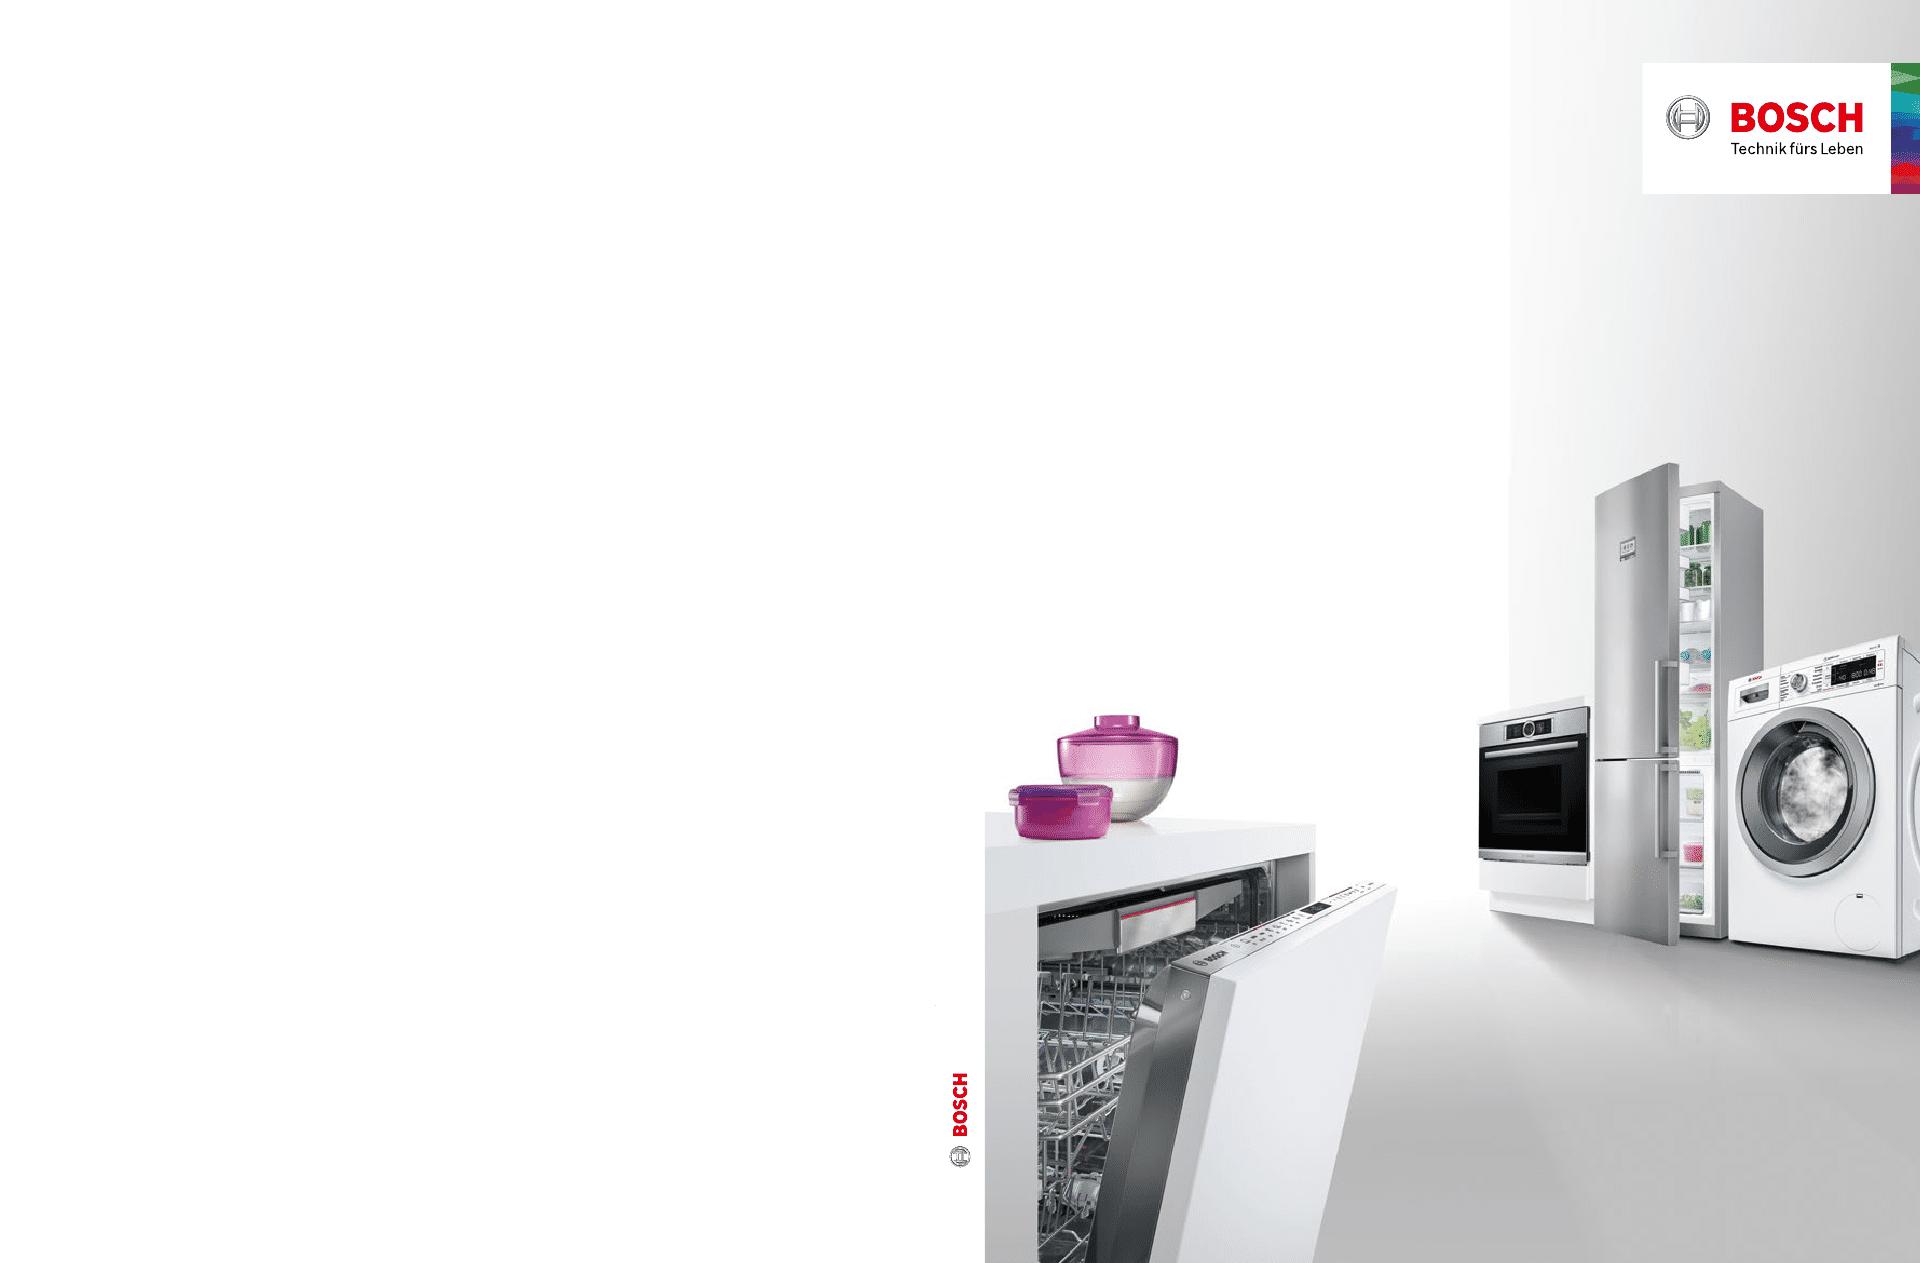 Kühlschrank Farbig Bosch : Gebrauchsinformation datenblatt zu bosch kur ax test